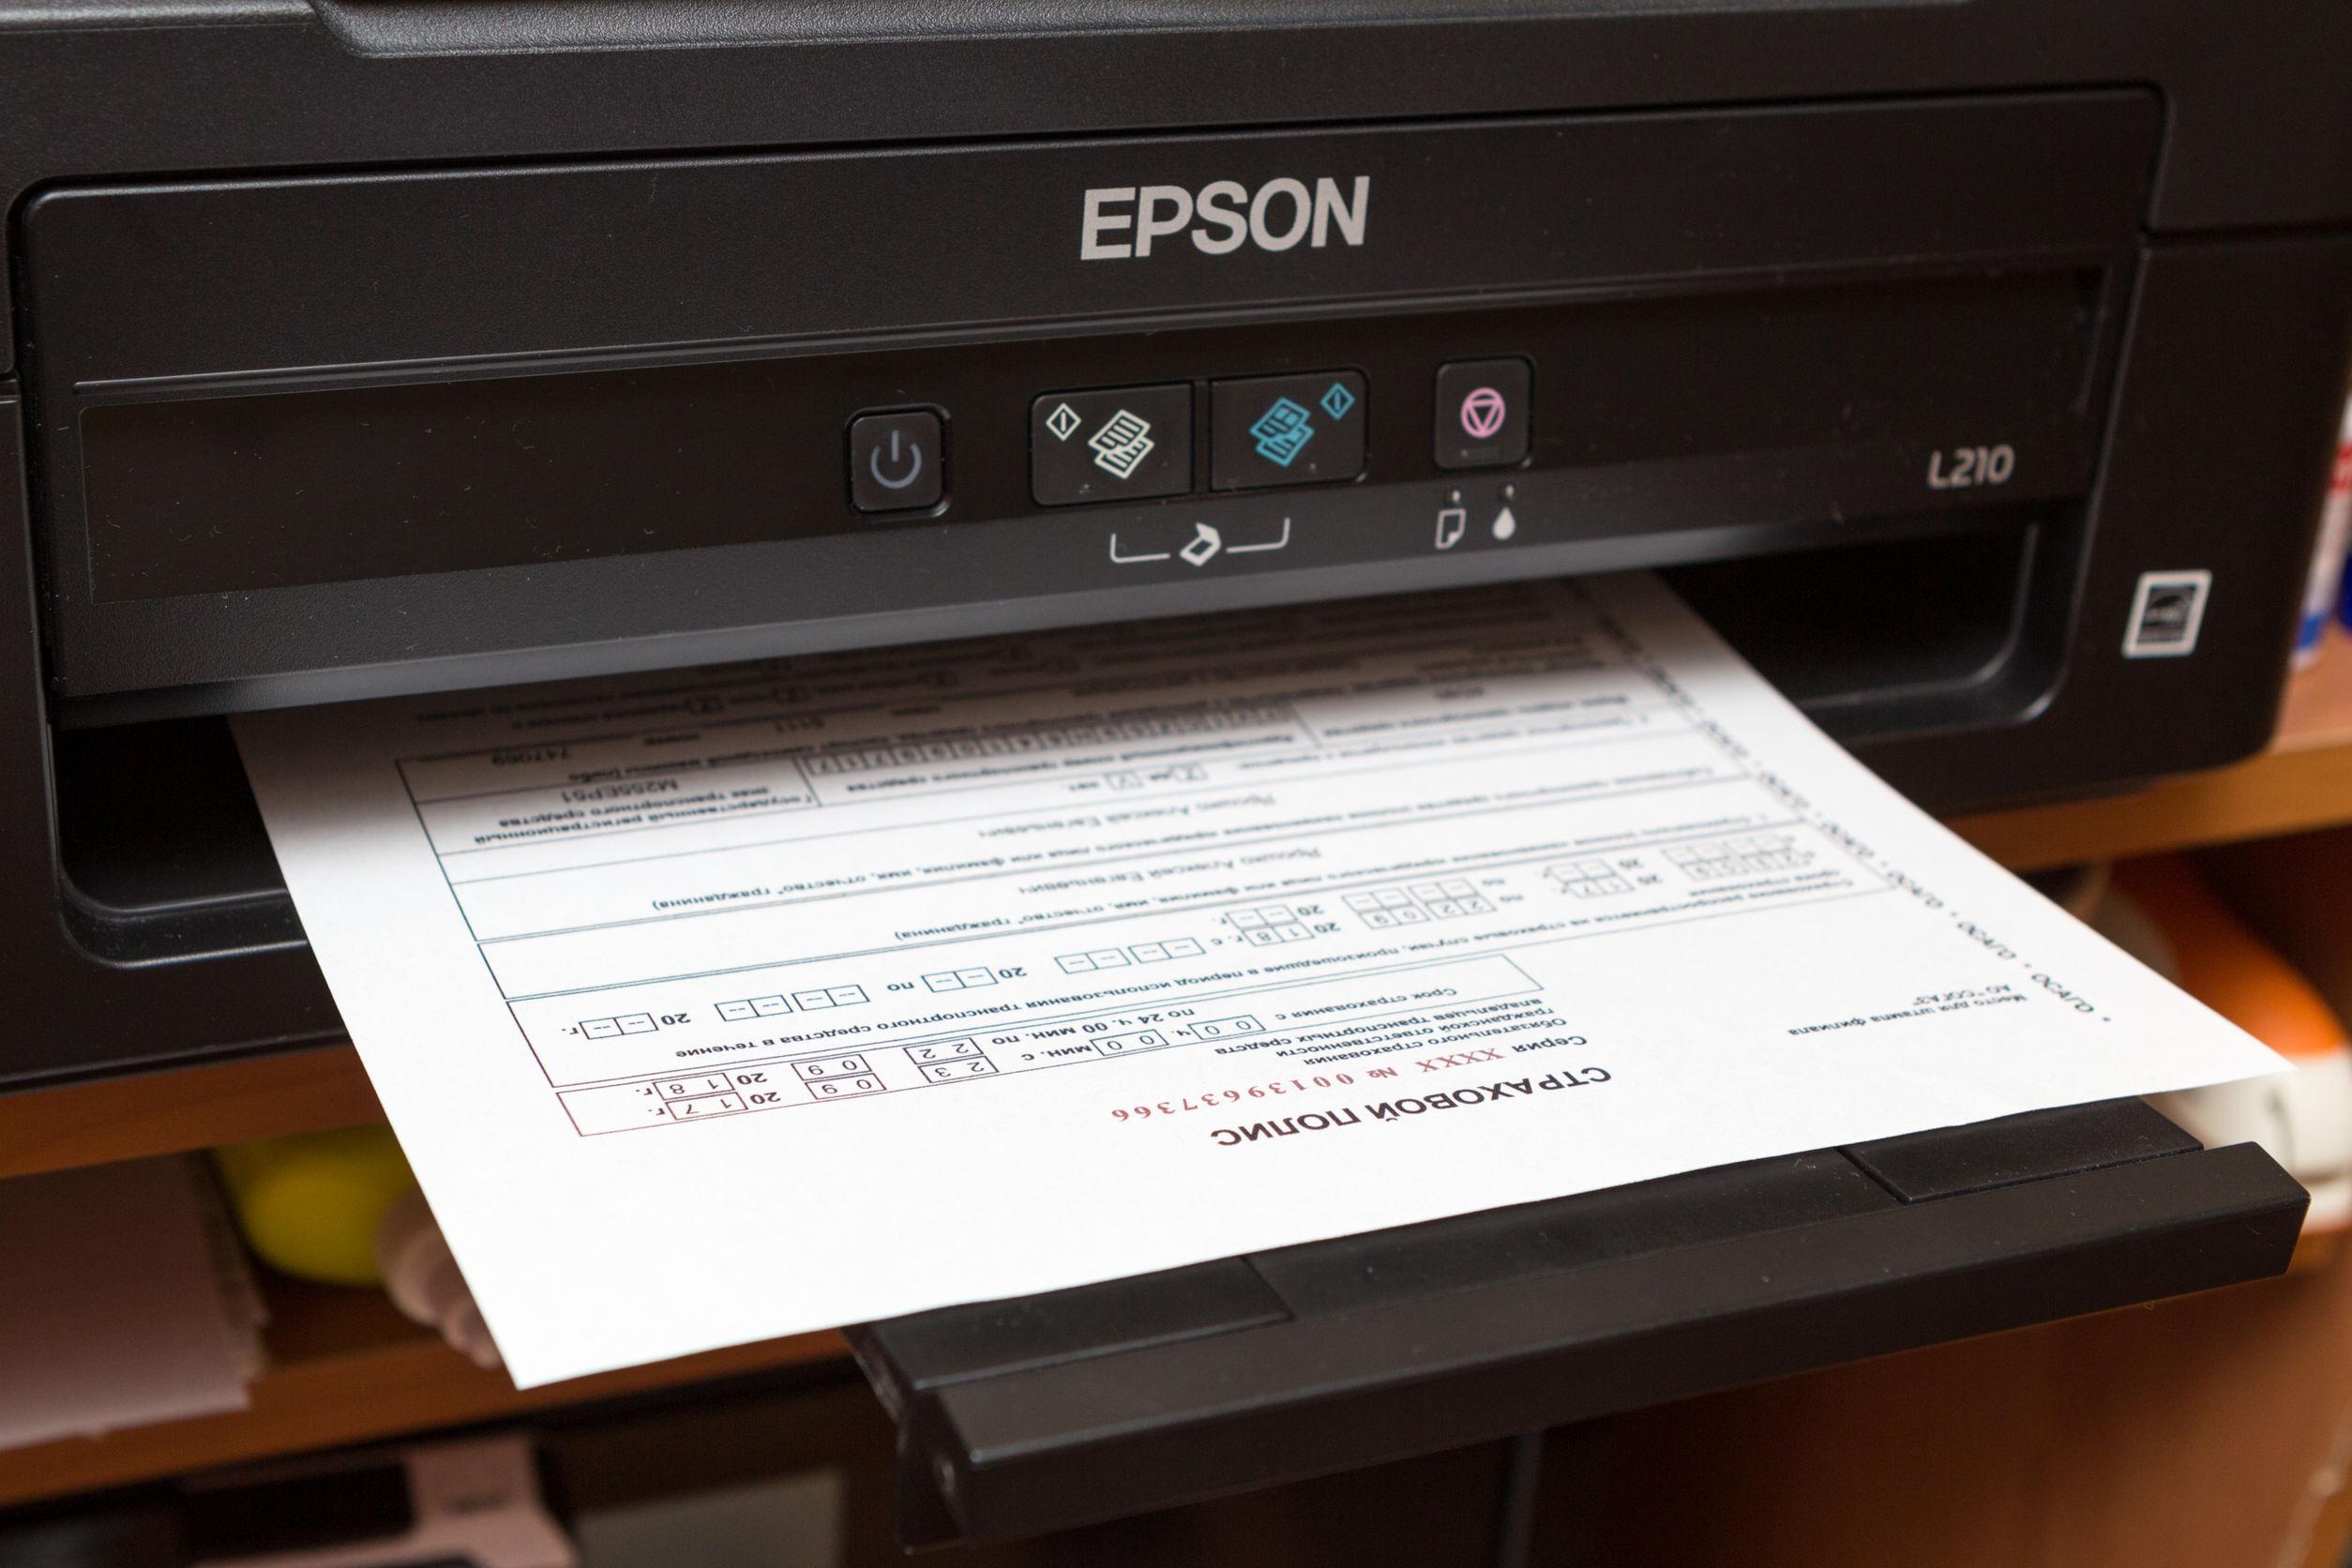 Imprimindo documento em impressora Epson.